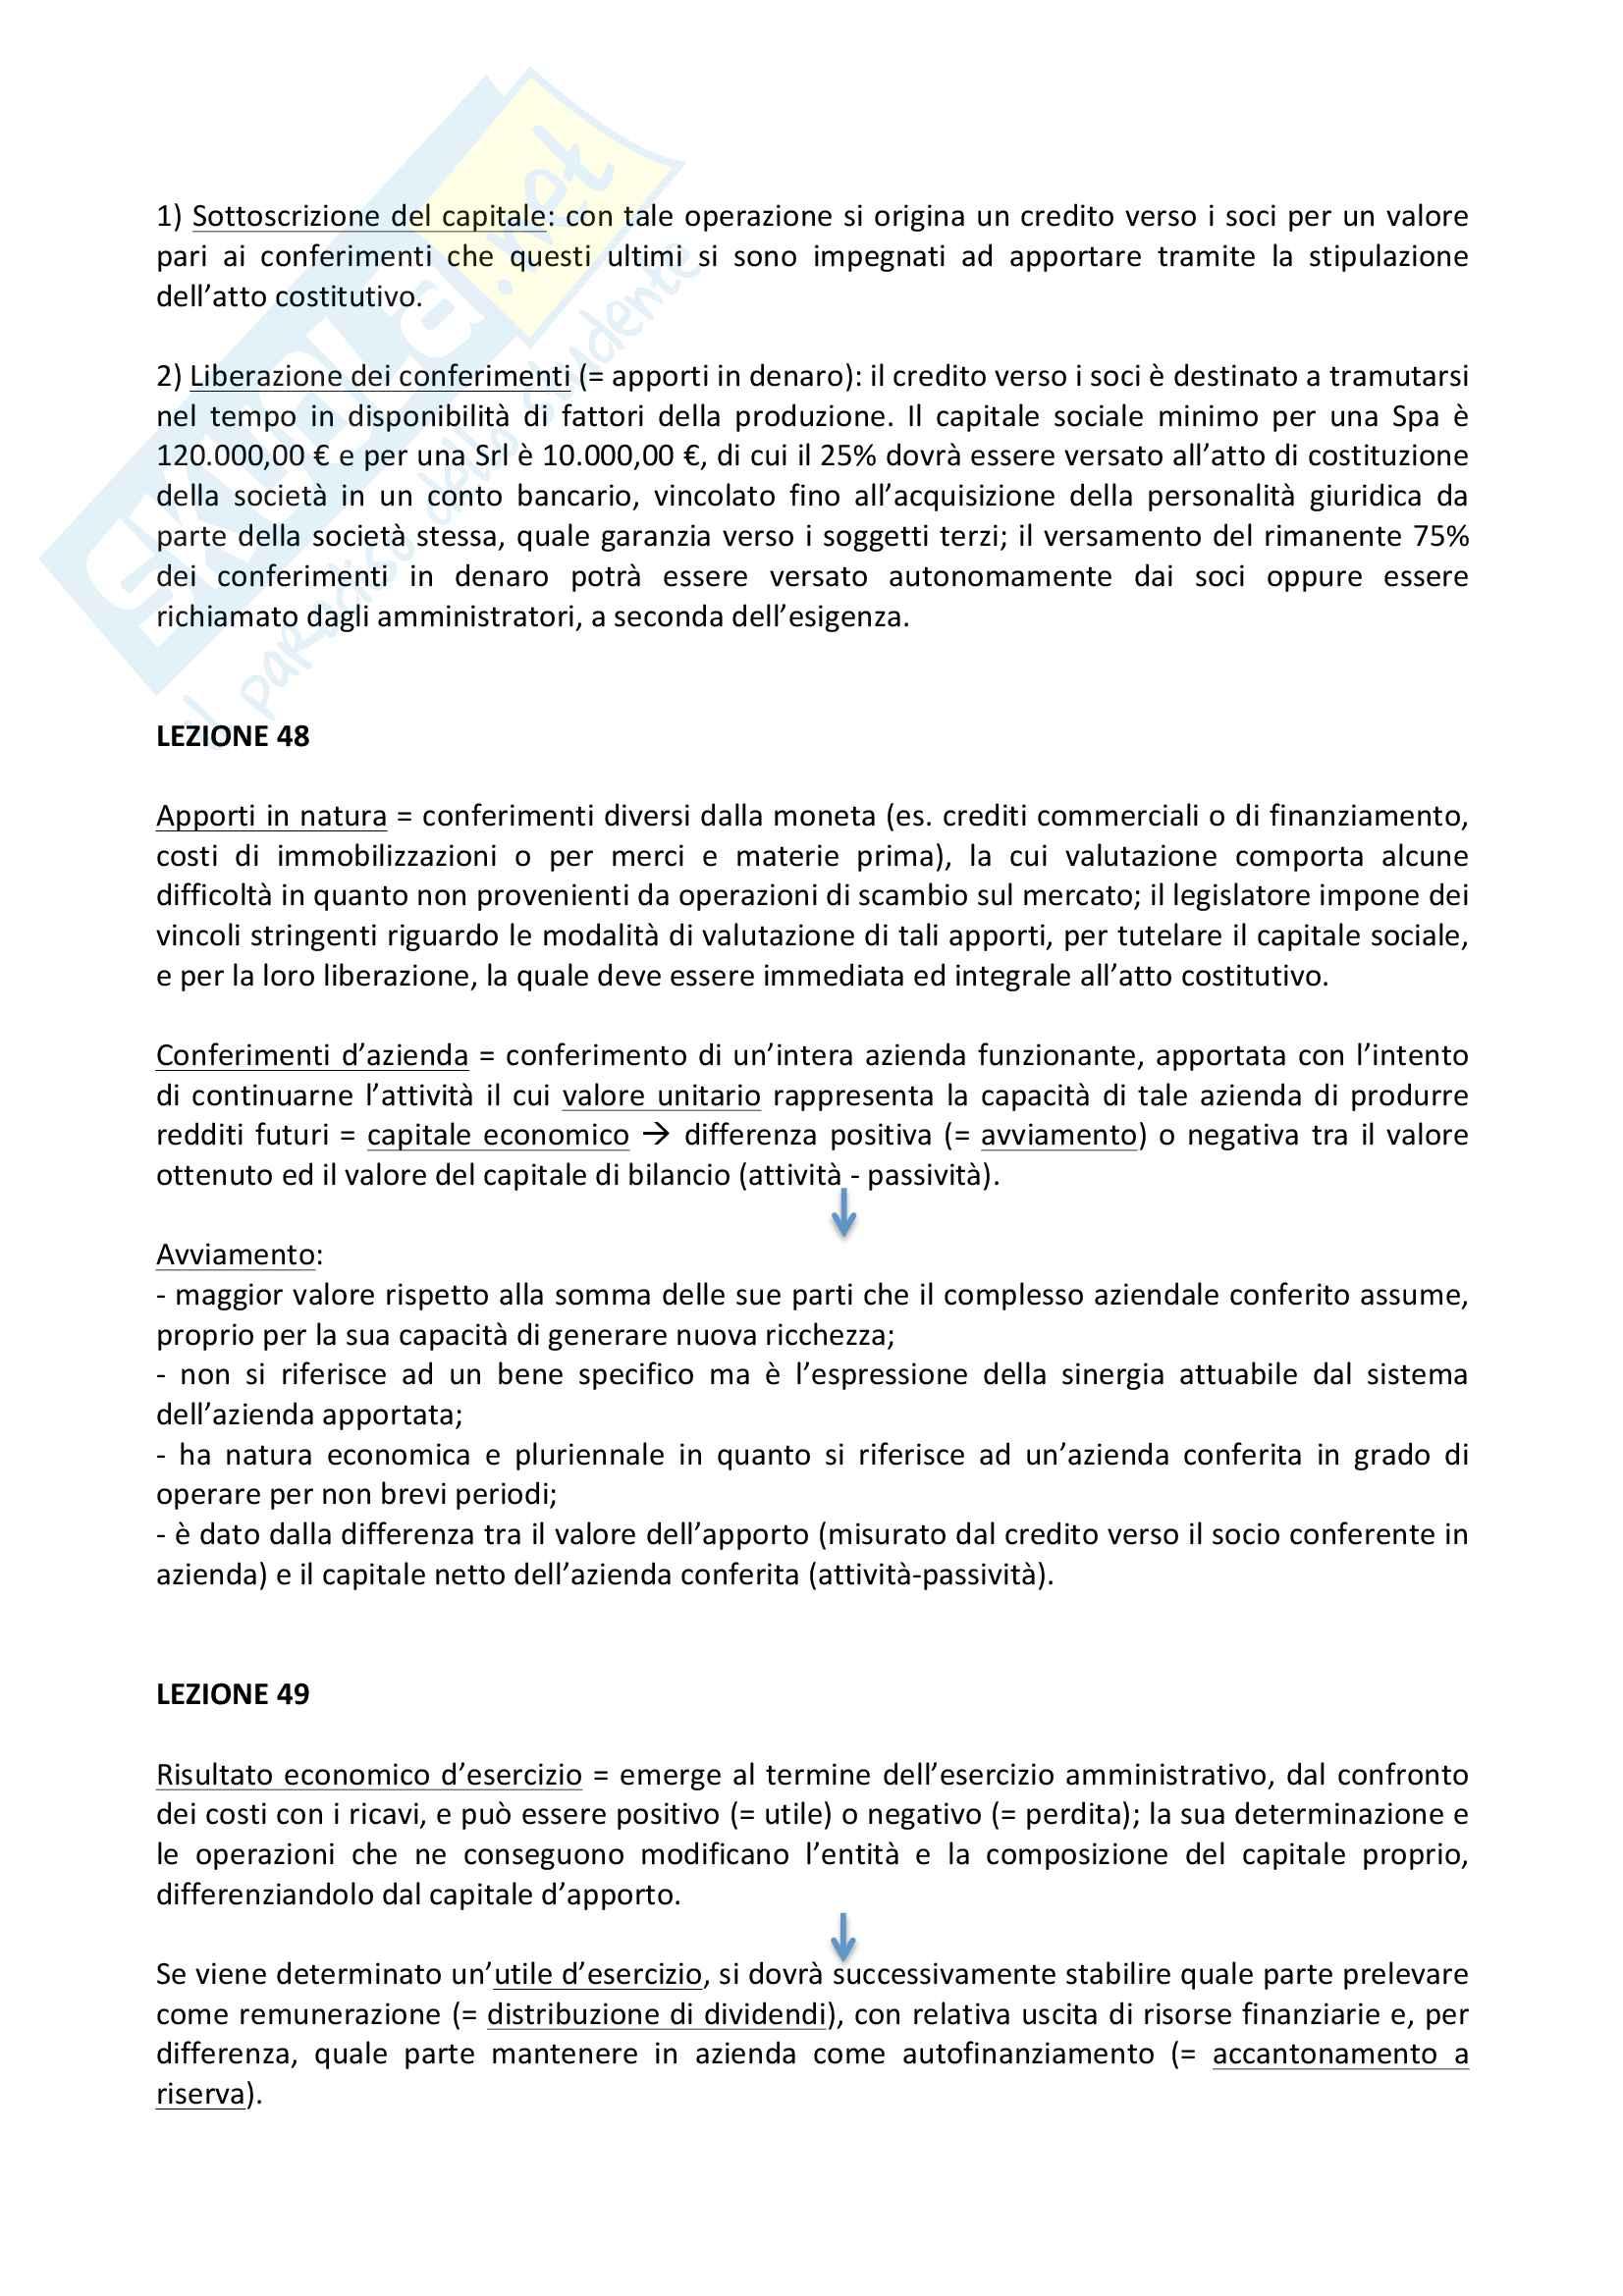 Ragioneria e contabilità aziendale, riassunti Pag. 26